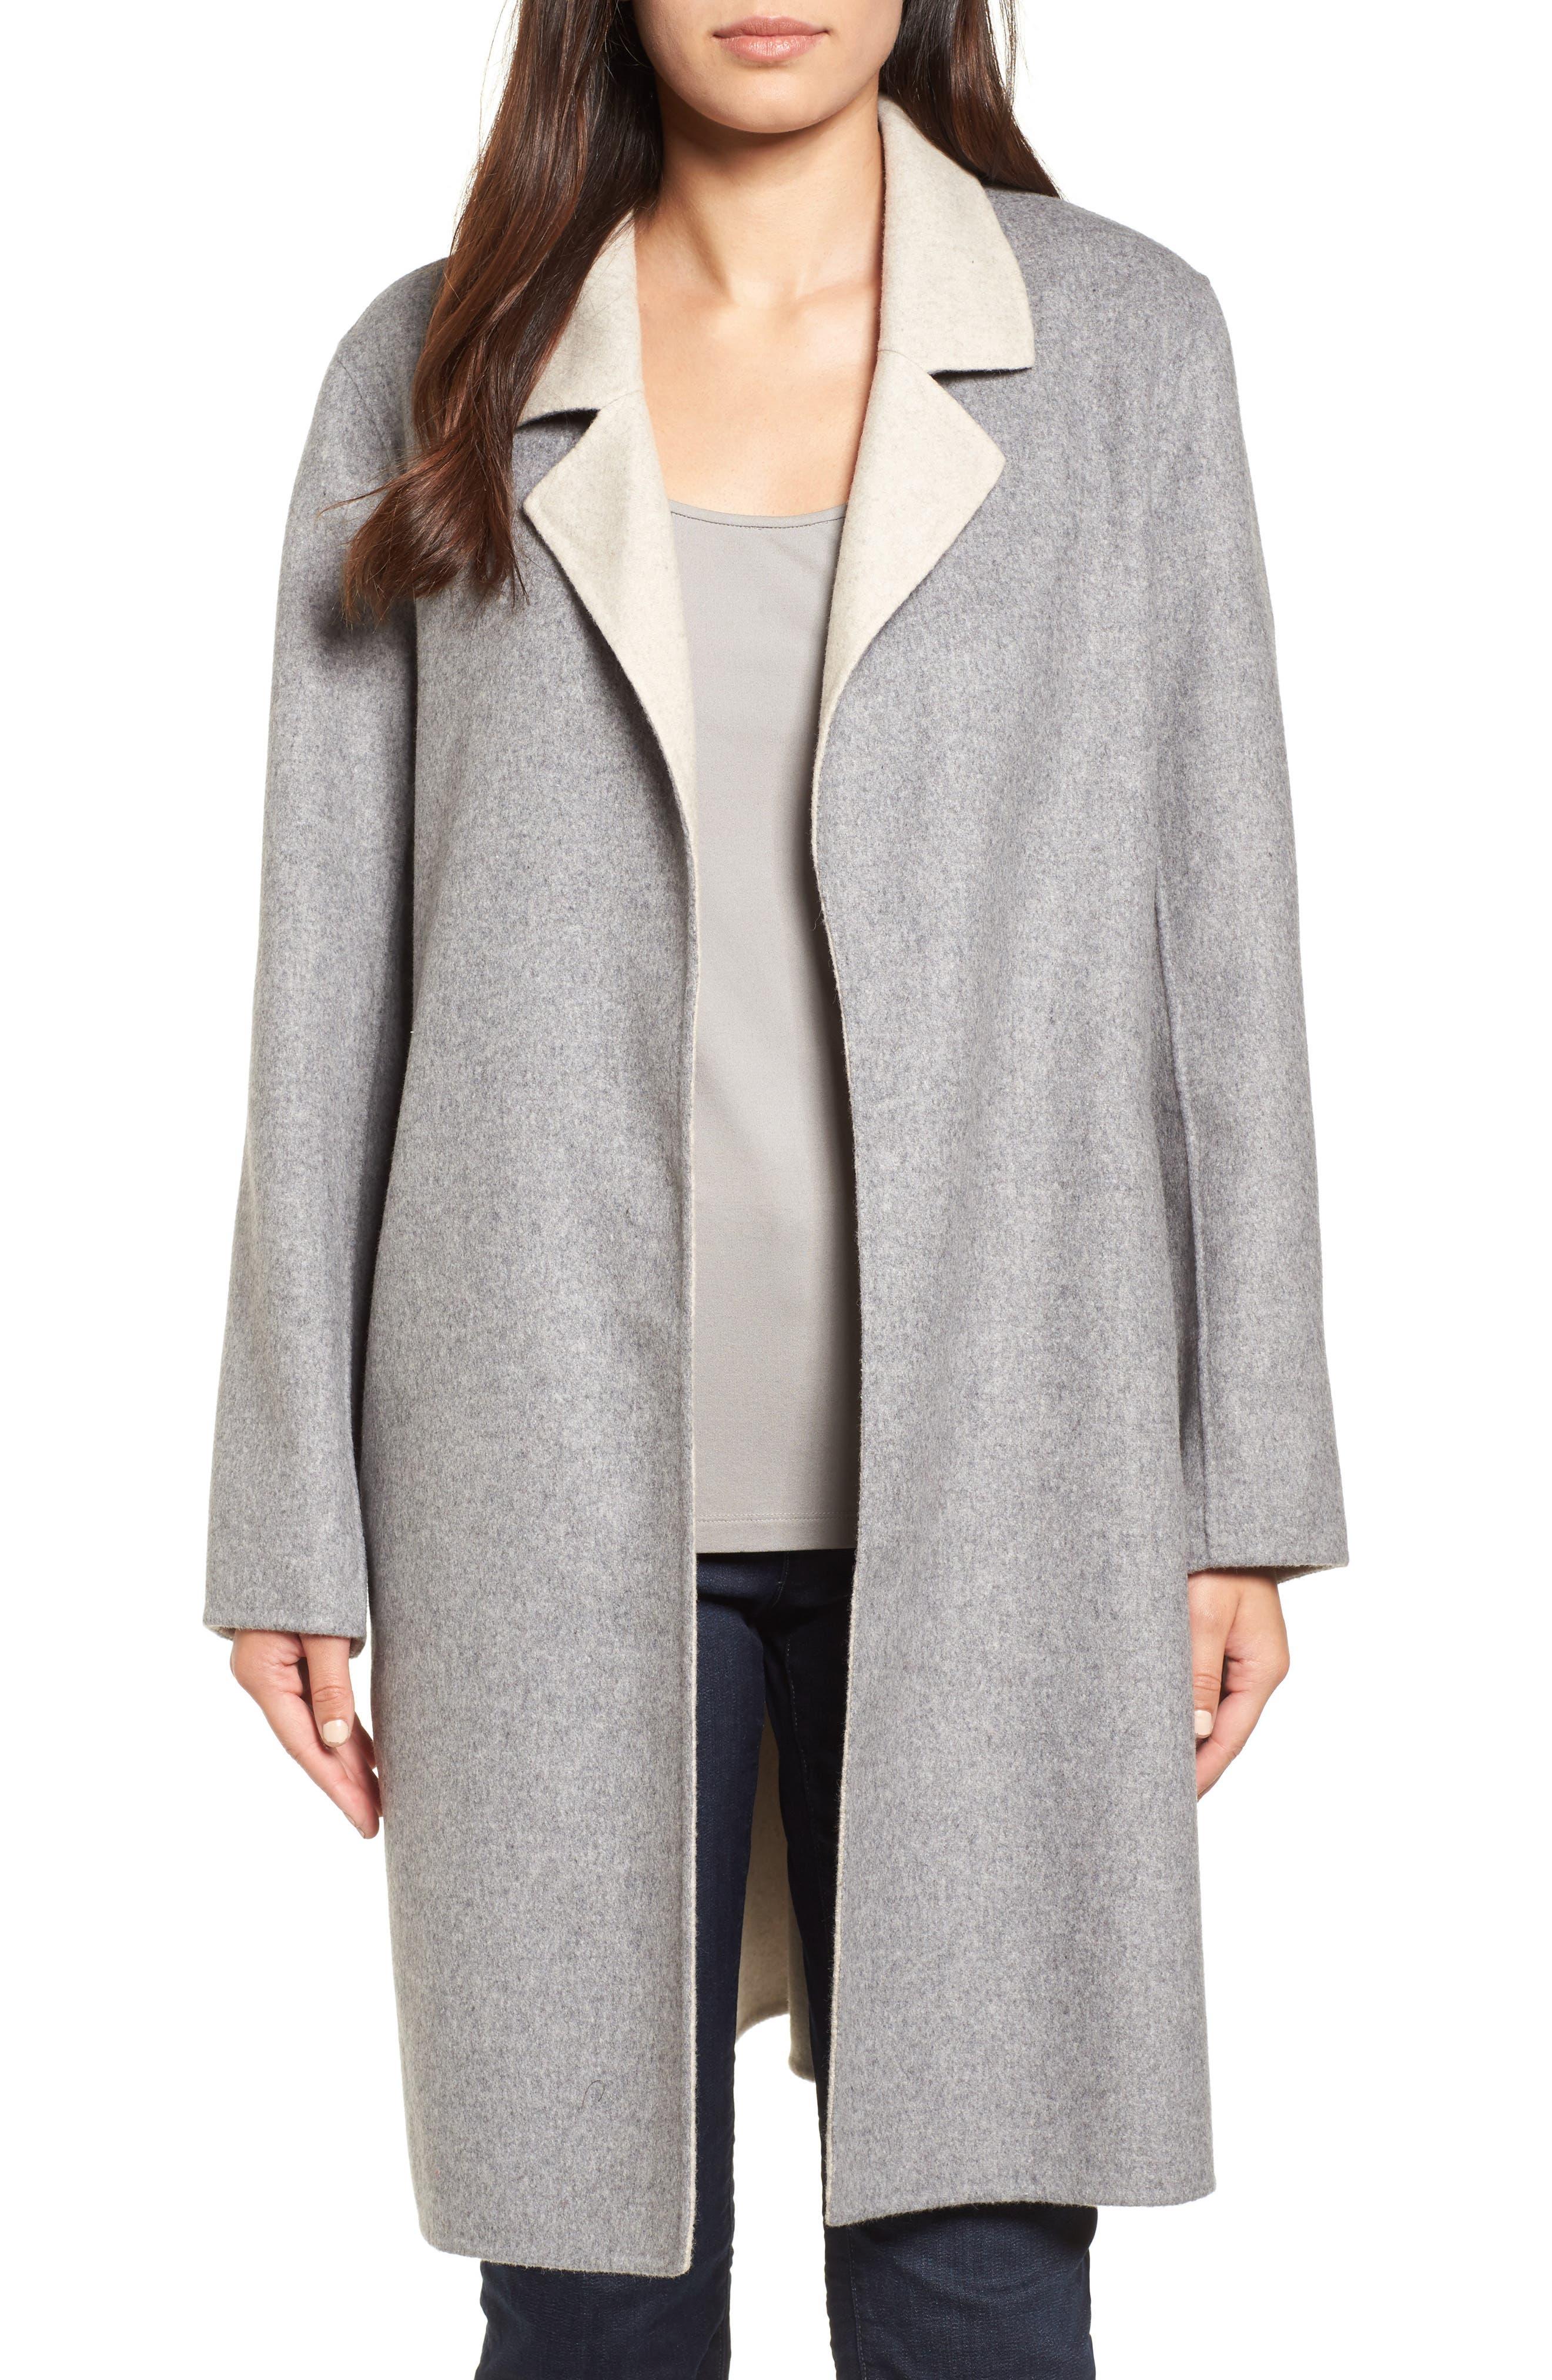 Eileen Fisher Notch Collar Long Wool Blend Jacket